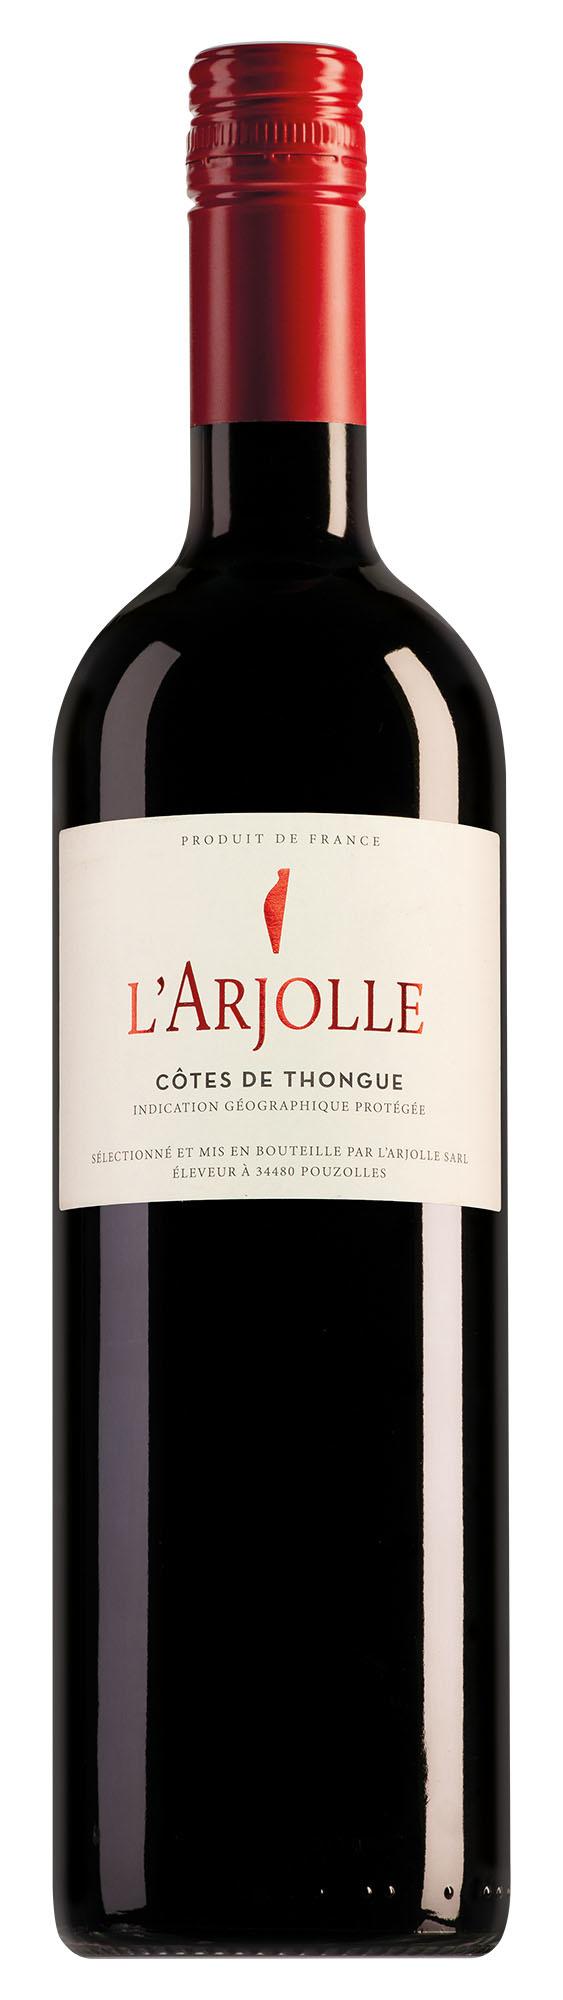 L'Arjolle Côtes de Thongue red 2019